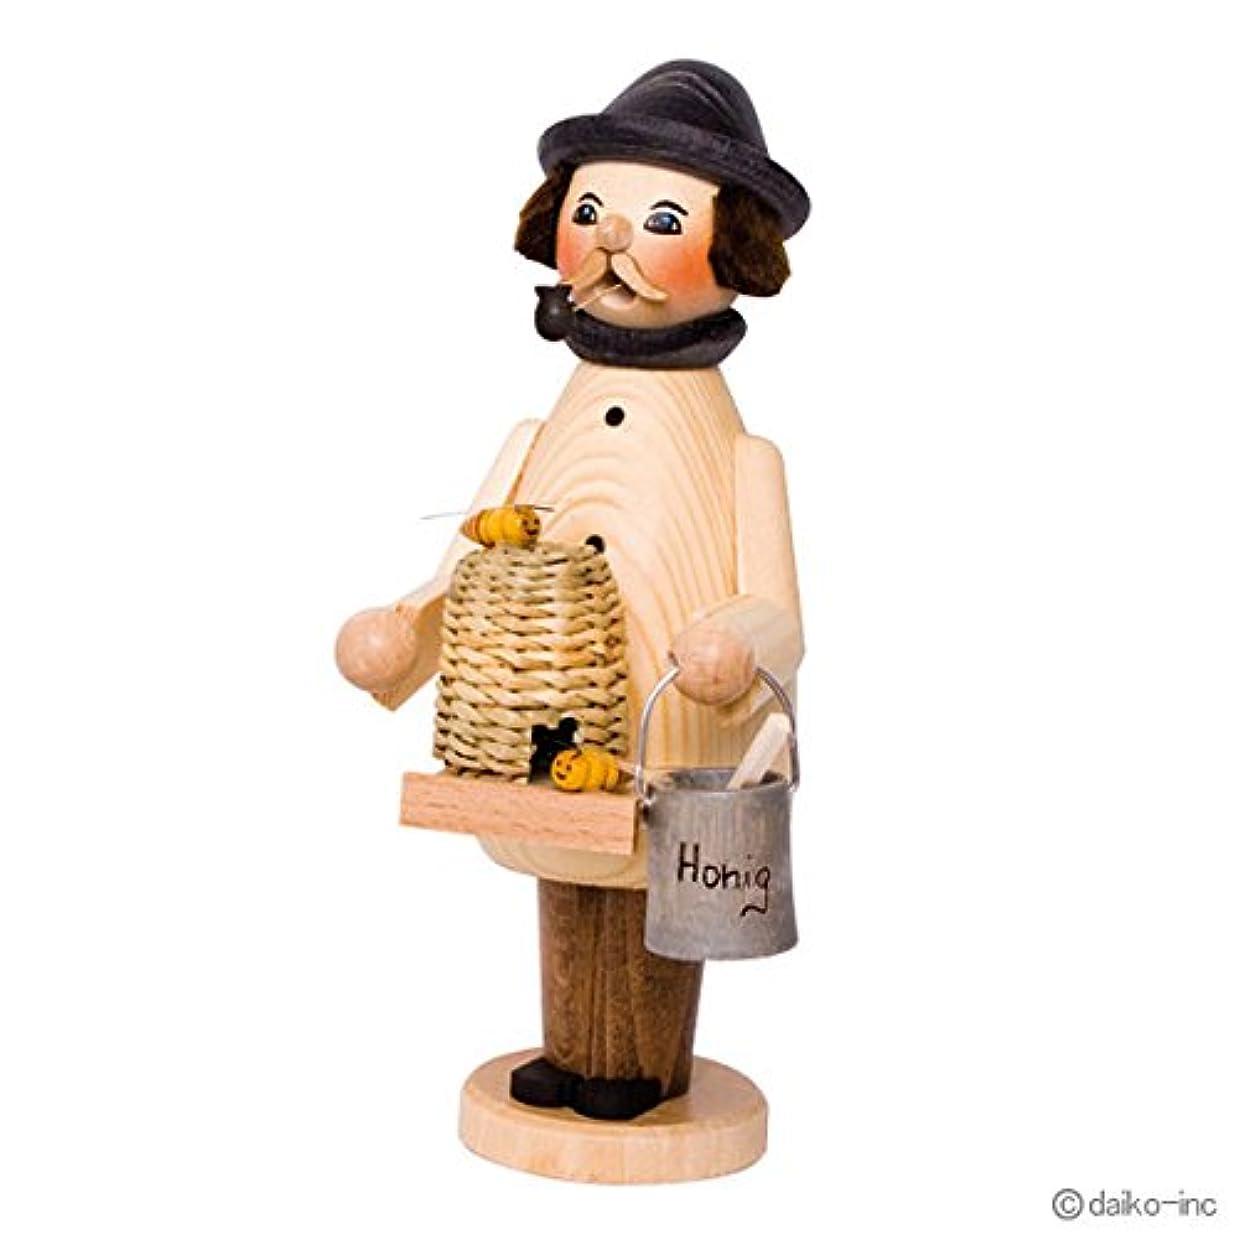 鋭く貨物短命kuhnert ミニパイプ人形香炉 養蜂家